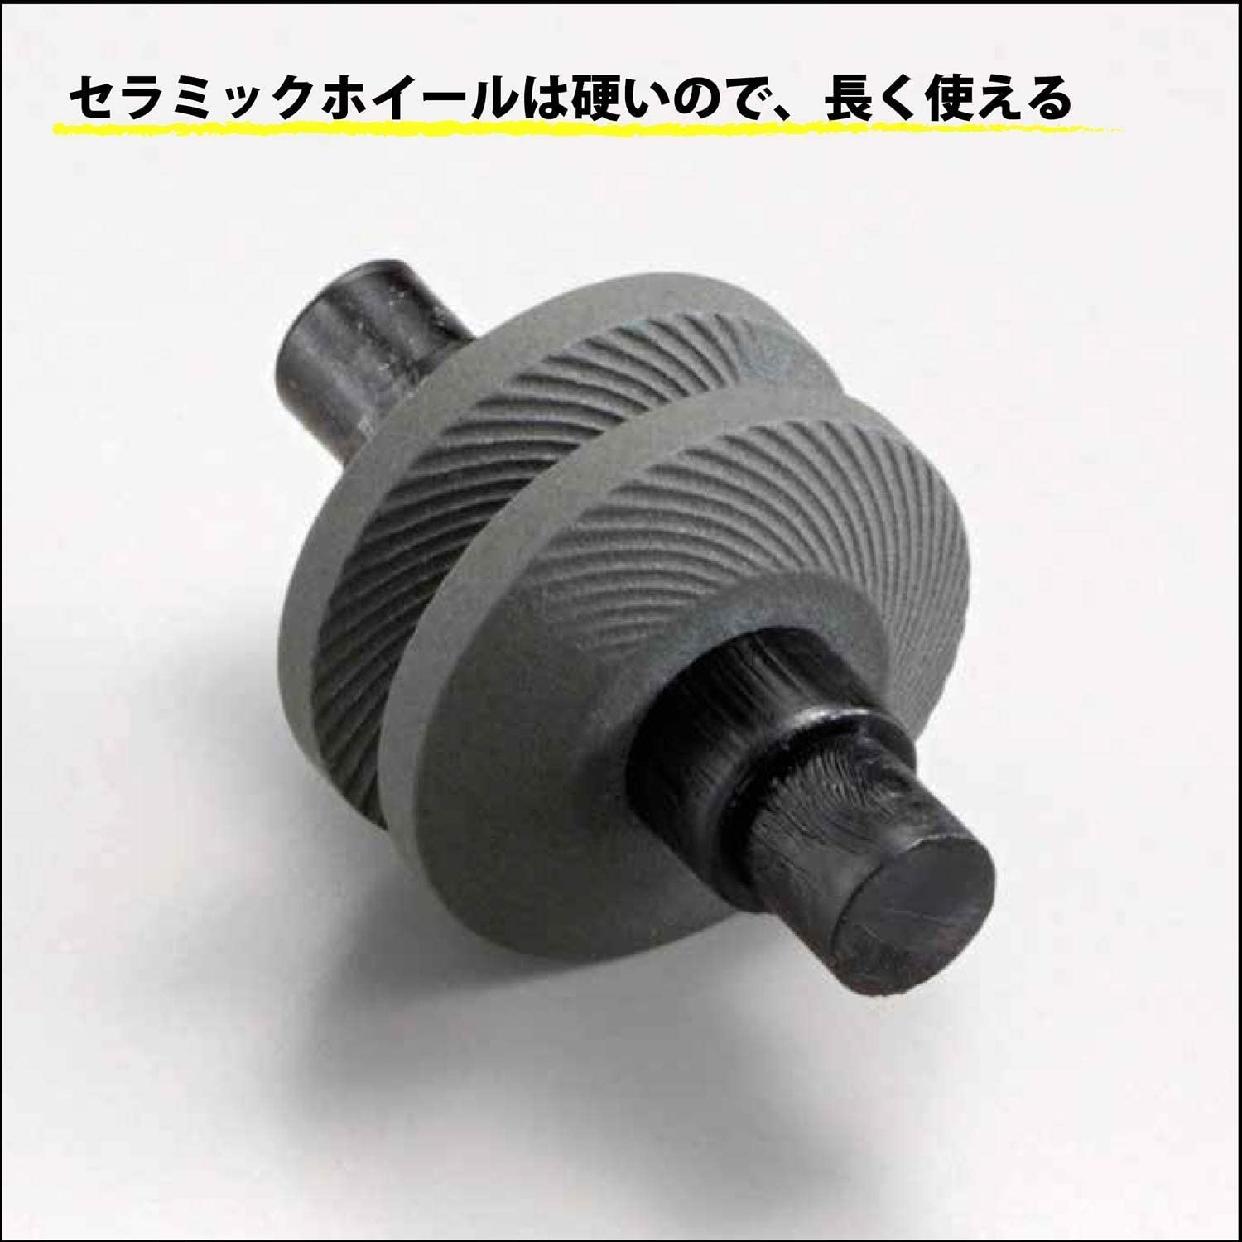 京セラ(キョウセラ)ロールシャープナー ブラック RS-20BK(N)の商品画像4